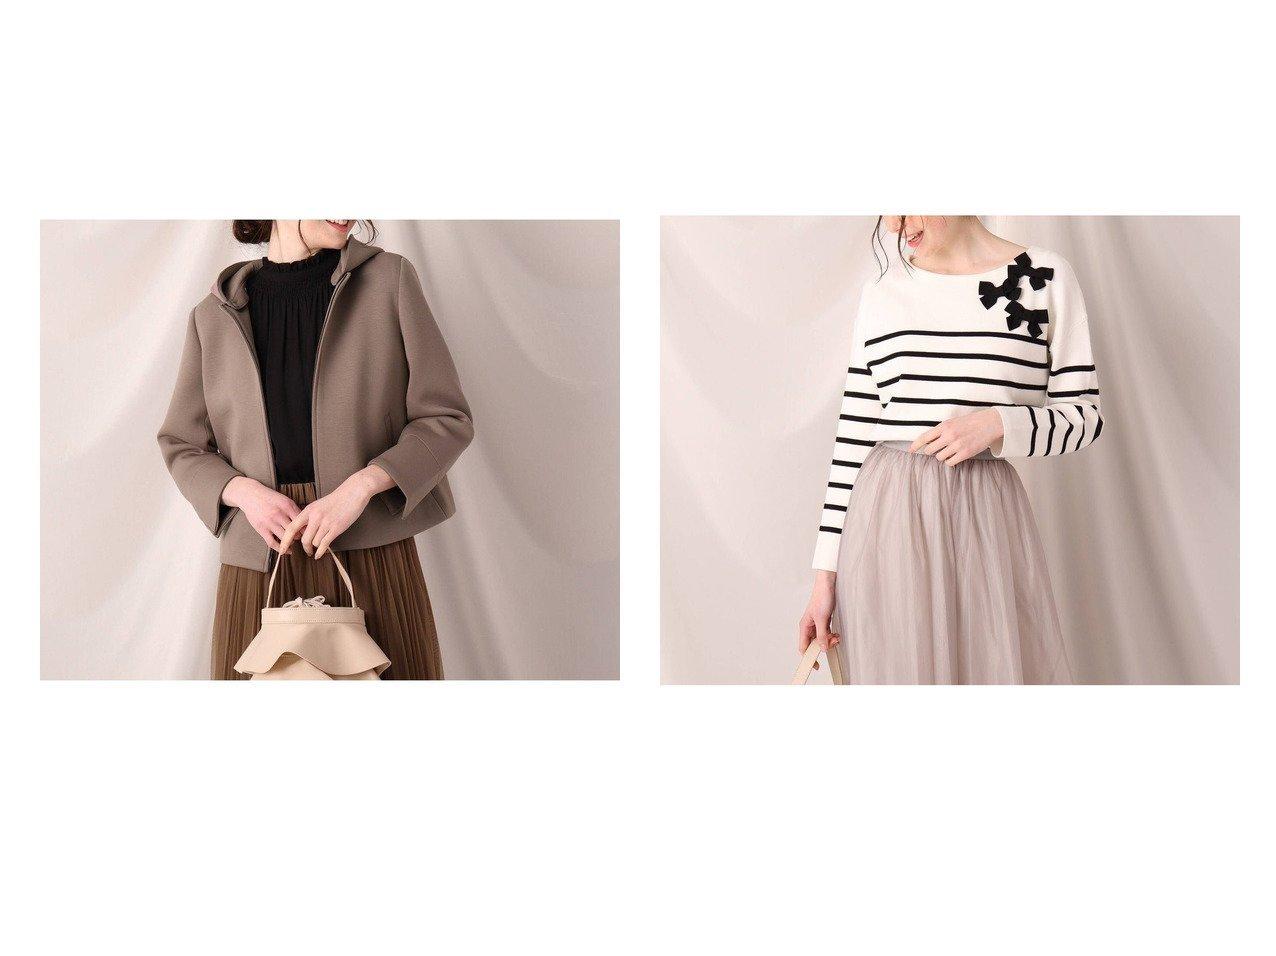 【Couture Brooch/クチュール ブローチ】のダンボール2WAYジップアップアウター&ミラノリブボーダーニット Couture Broochのおすすめ!人気、トレンド・レディースファッションの通販 おすすめで人気の流行・トレンド、ファッションの通販商品 メンズファッション・キッズファッション・インテリア・家具・レディースファッション・服の通販 founy(ファニー) https://founy.com/ ファッション Fashion レディースファッション WOMEN アウター Coat Outerwear トップス Tops Tshirt ニット Knit Tops 2020年 2020 2020-2021 秋冬 A/W AW Autumn/Winter / FW Fall-Winter 2020-2021 A/W 秋冬 AW Autumn/Winter / FW Fall-Winter ジャケット スリット フロント ポケット 2021年 2021 2021 春夏 S/S SS Spring/Summer 2021 S/S 春夏 SS Spring/Summer インナー チュニック ブローチ ボーダー ミラノリブ 春 Spring |ID:crp329100000018068